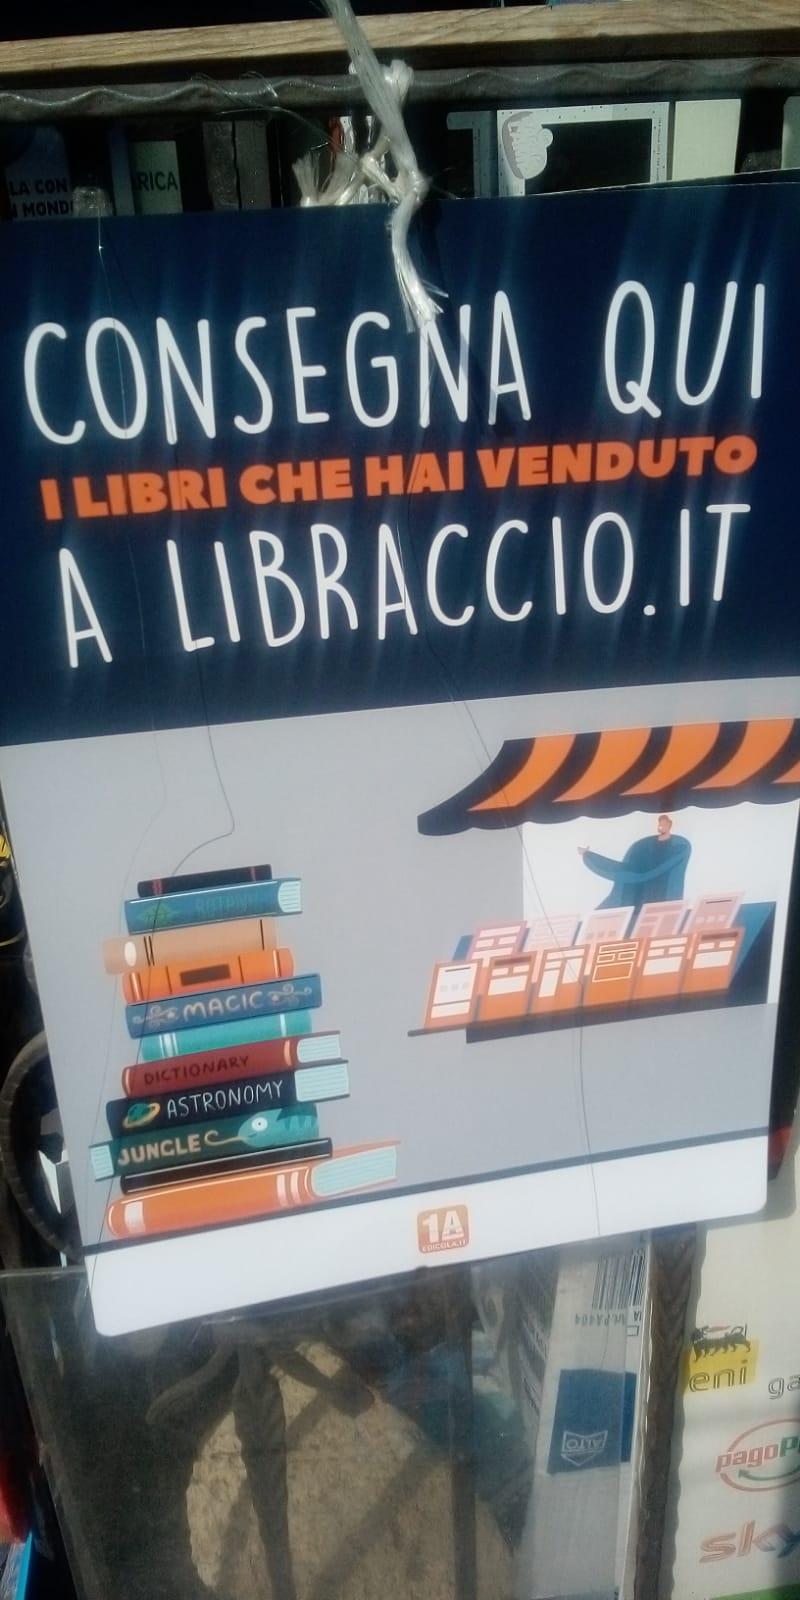 Cartolibreria Peter Pan: Hai libri usati oppure nuovi che non sai che farne? vendili a Libraccio e portali da noi